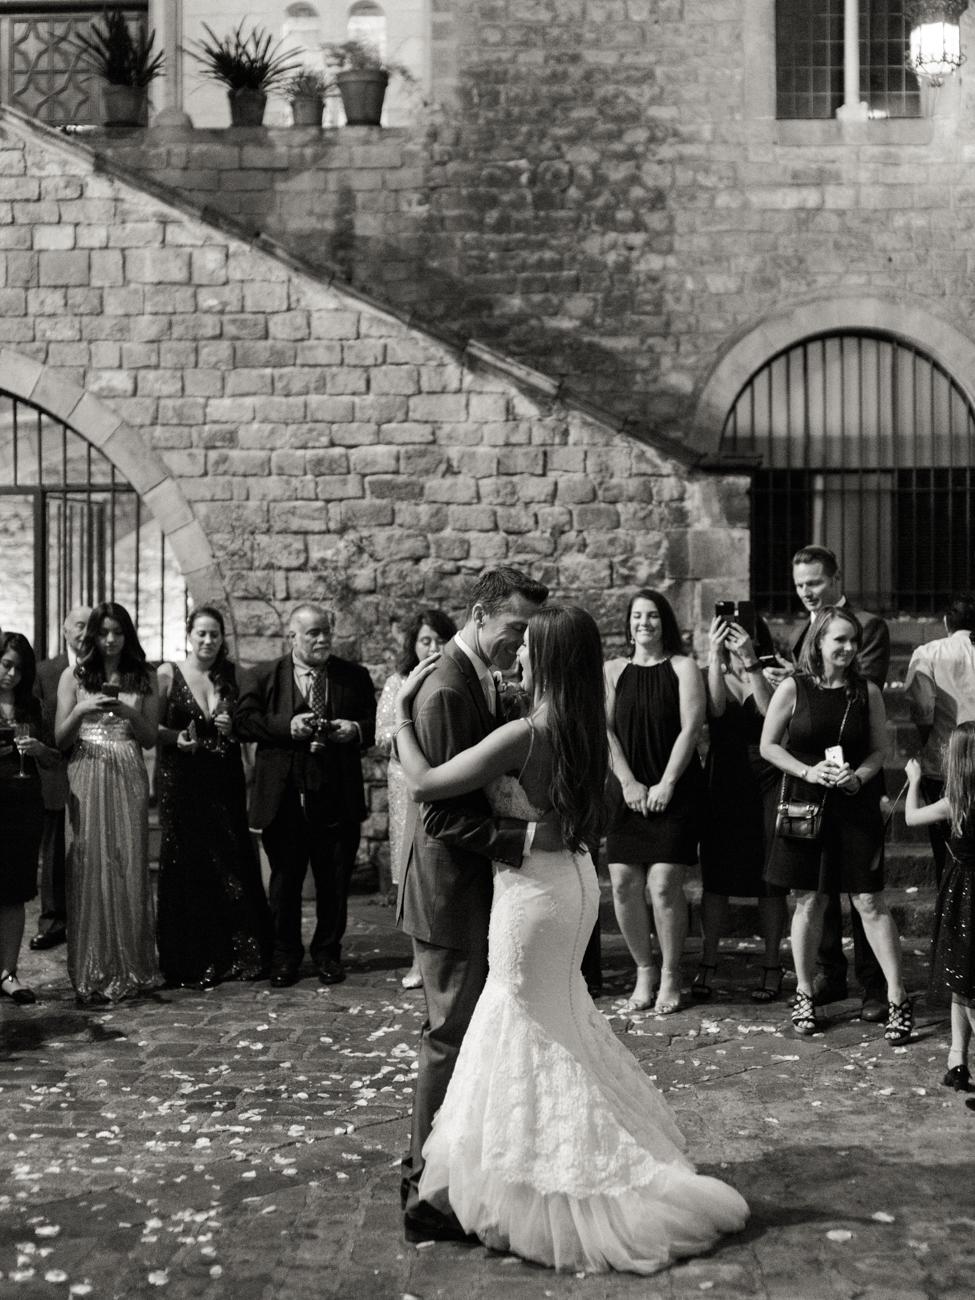 DennisRoyCoronel_Barcelona_Wedding-64.jpg